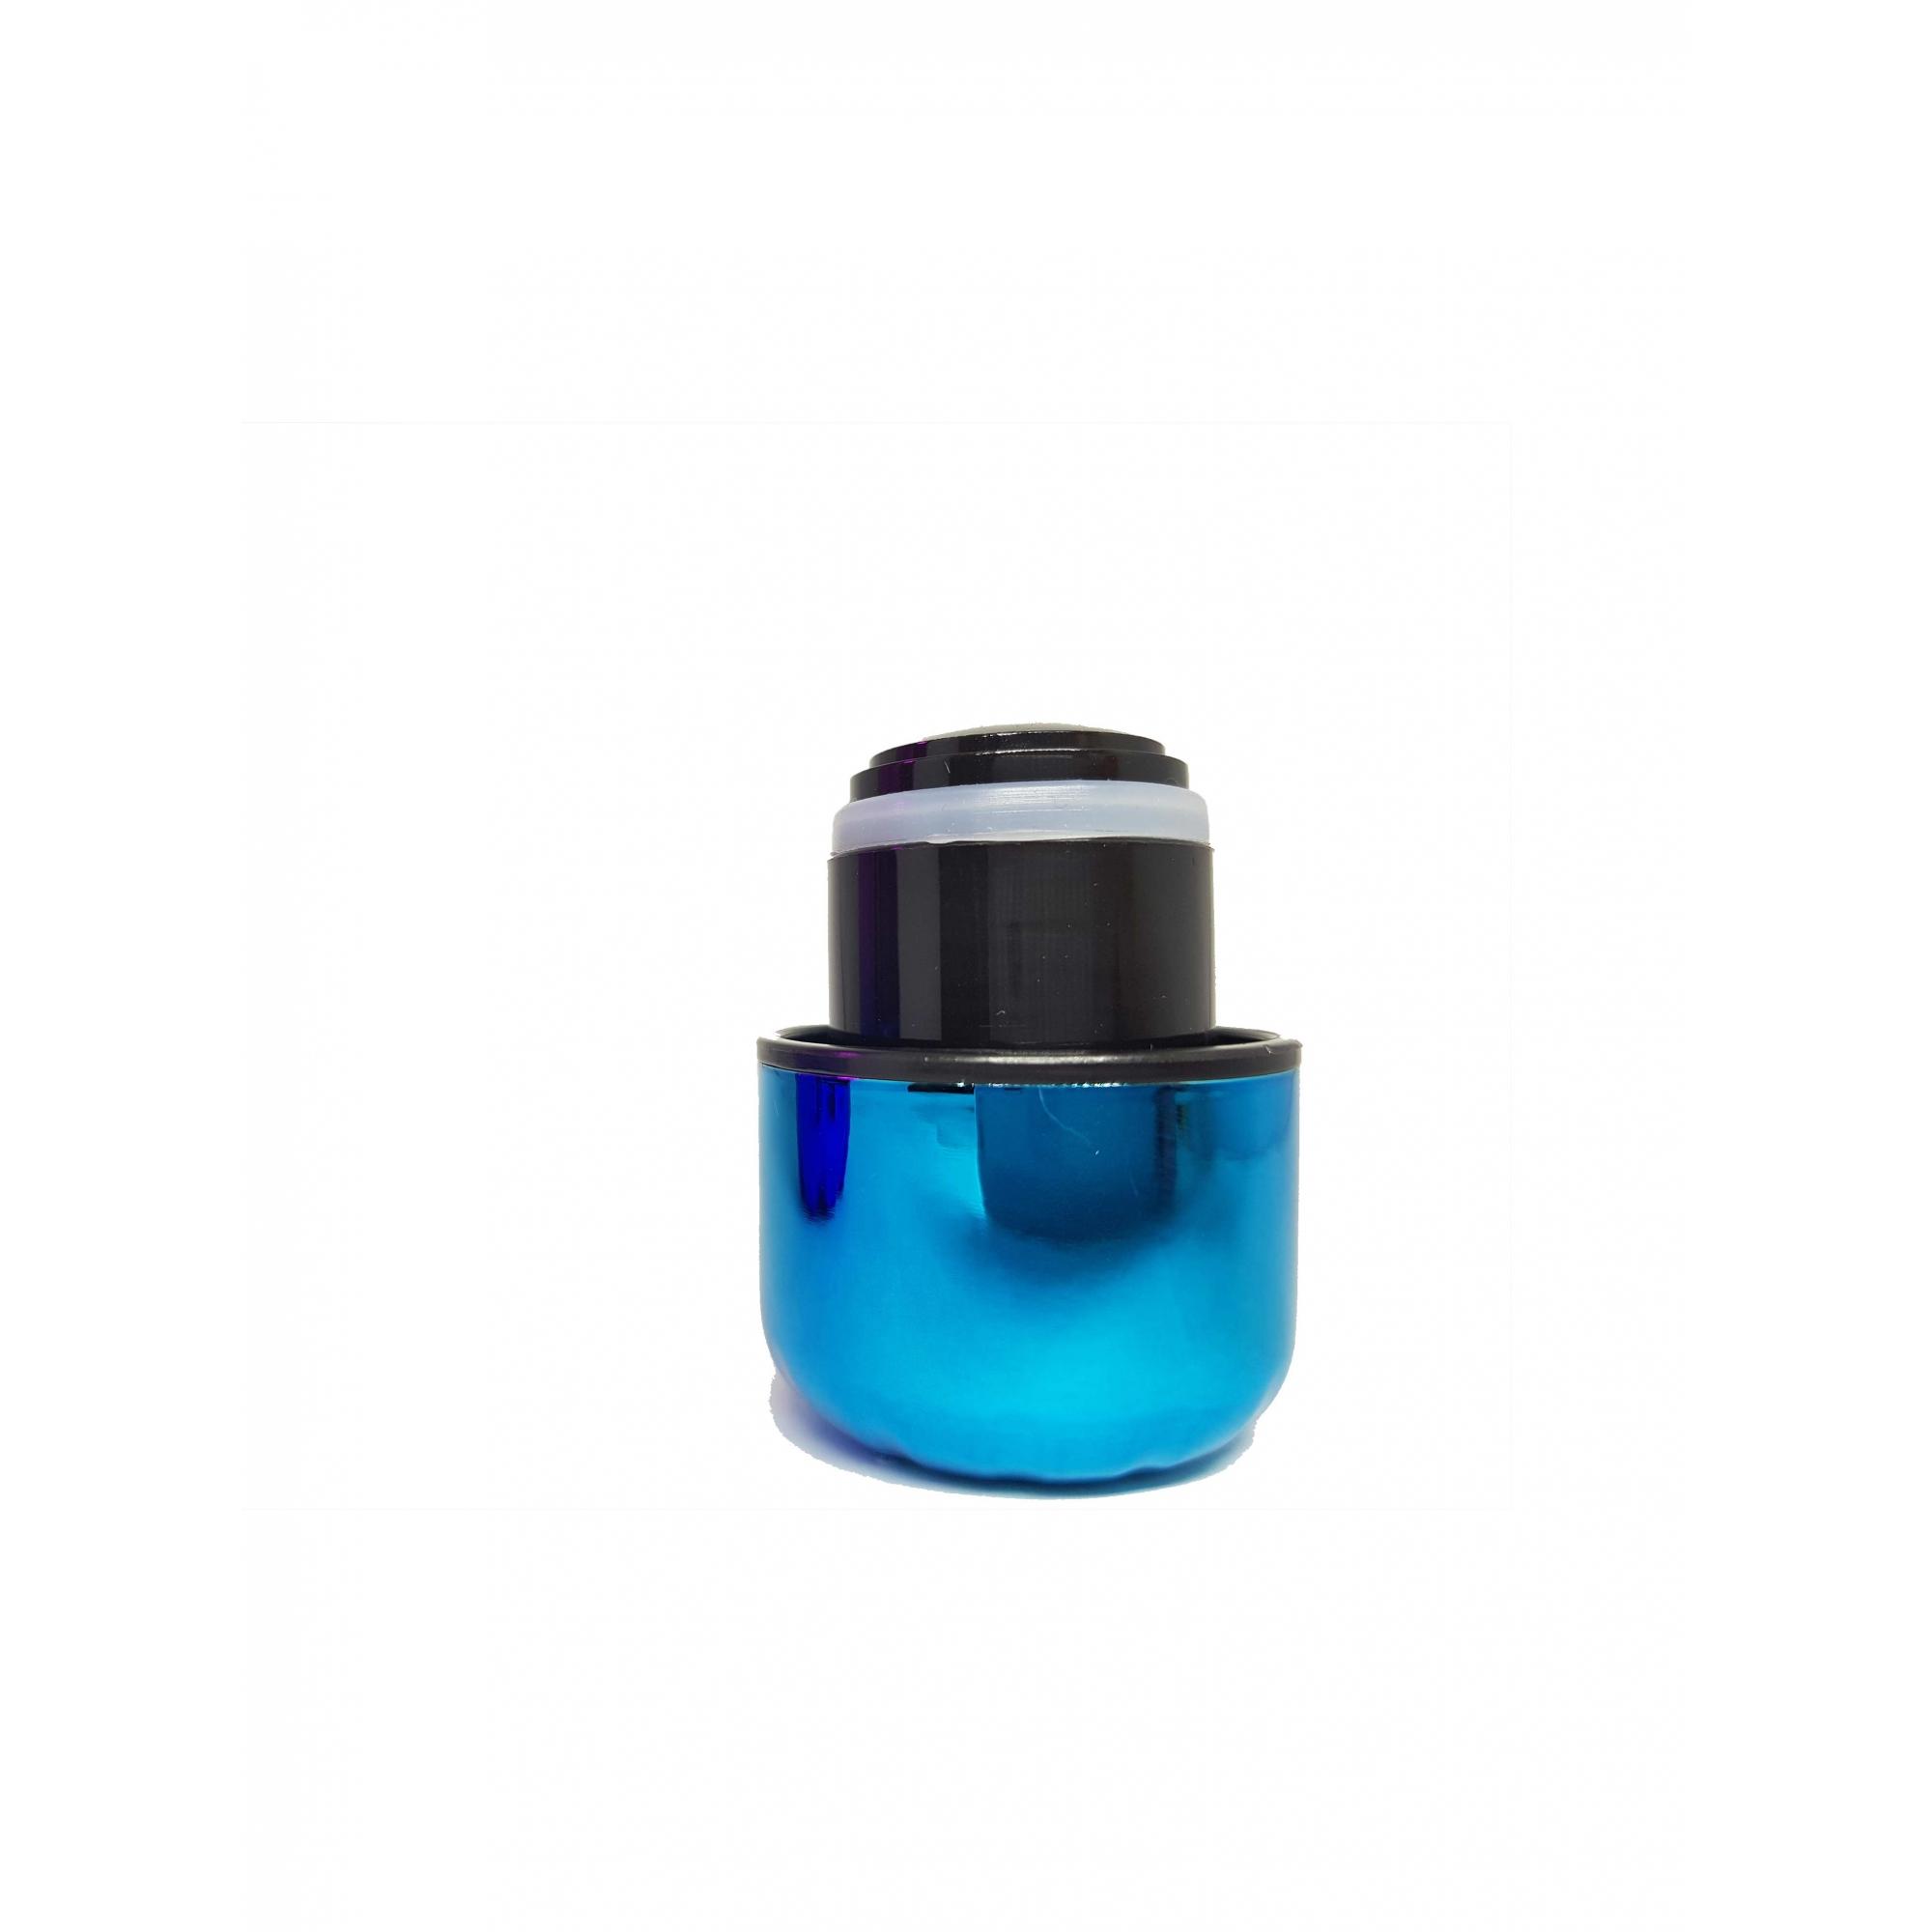 Garrafa Térmica de Inox holográfica  - 500ml - OUTLET